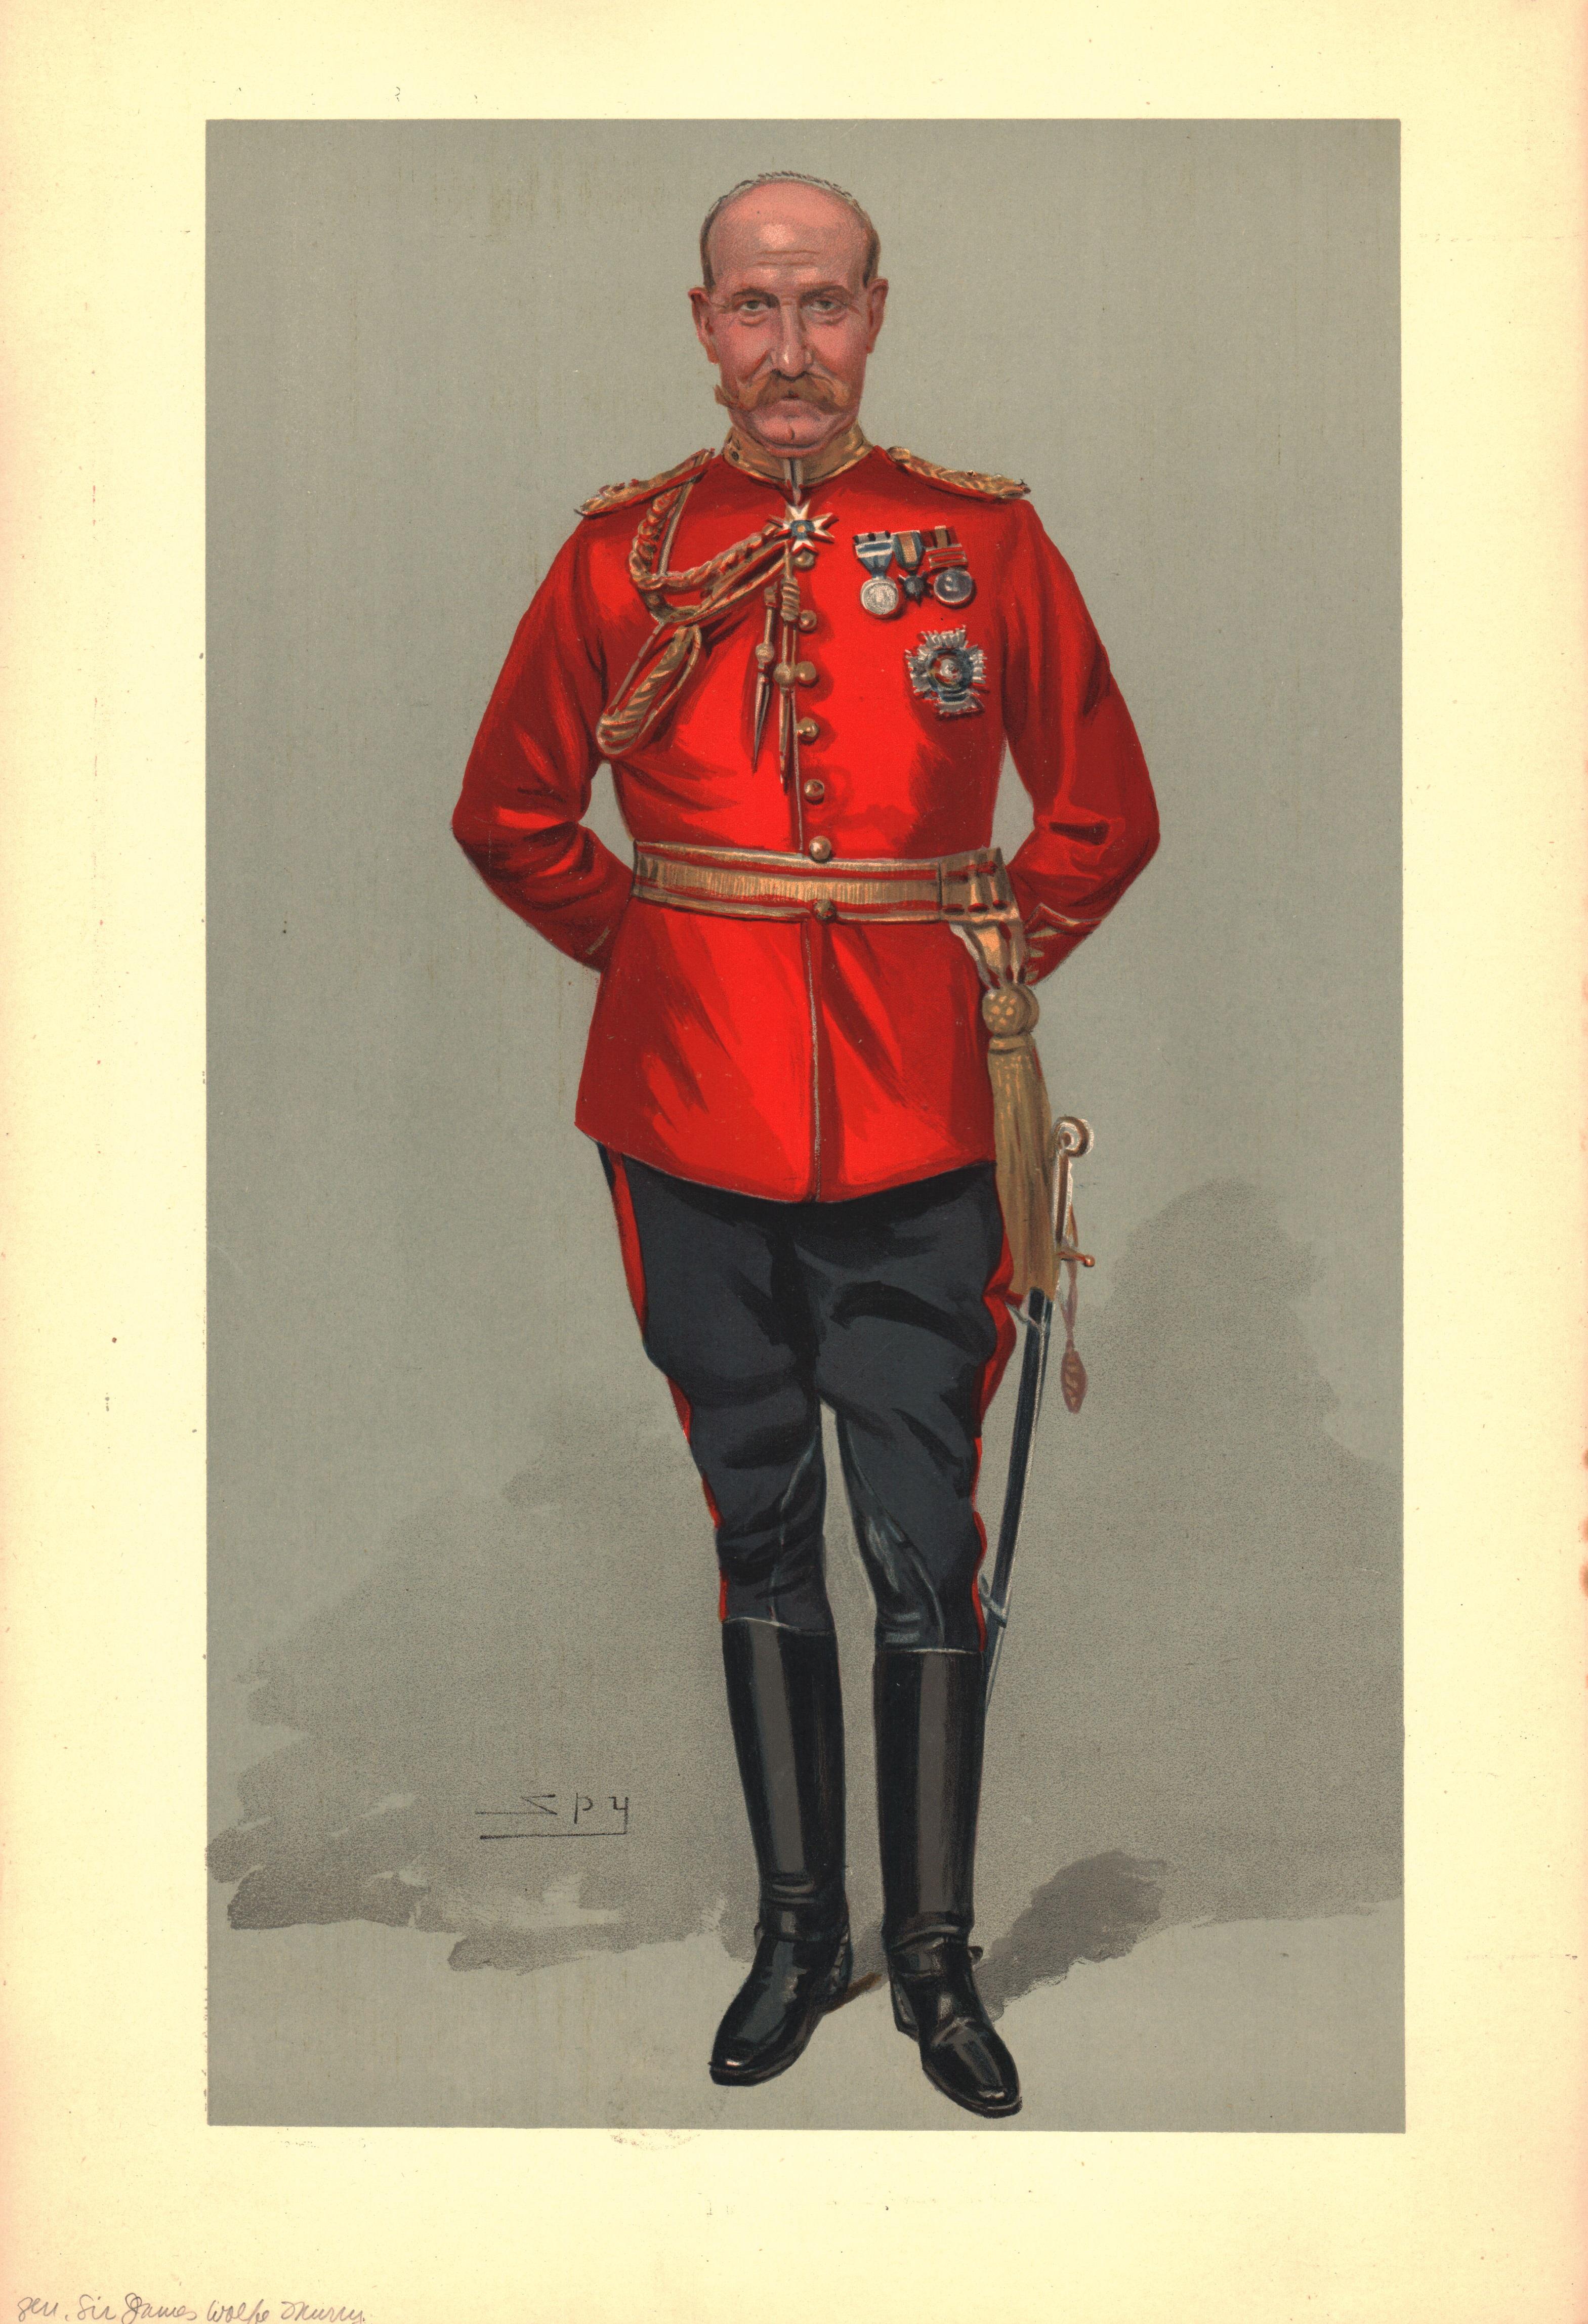 General Sir James Wolfe Murray